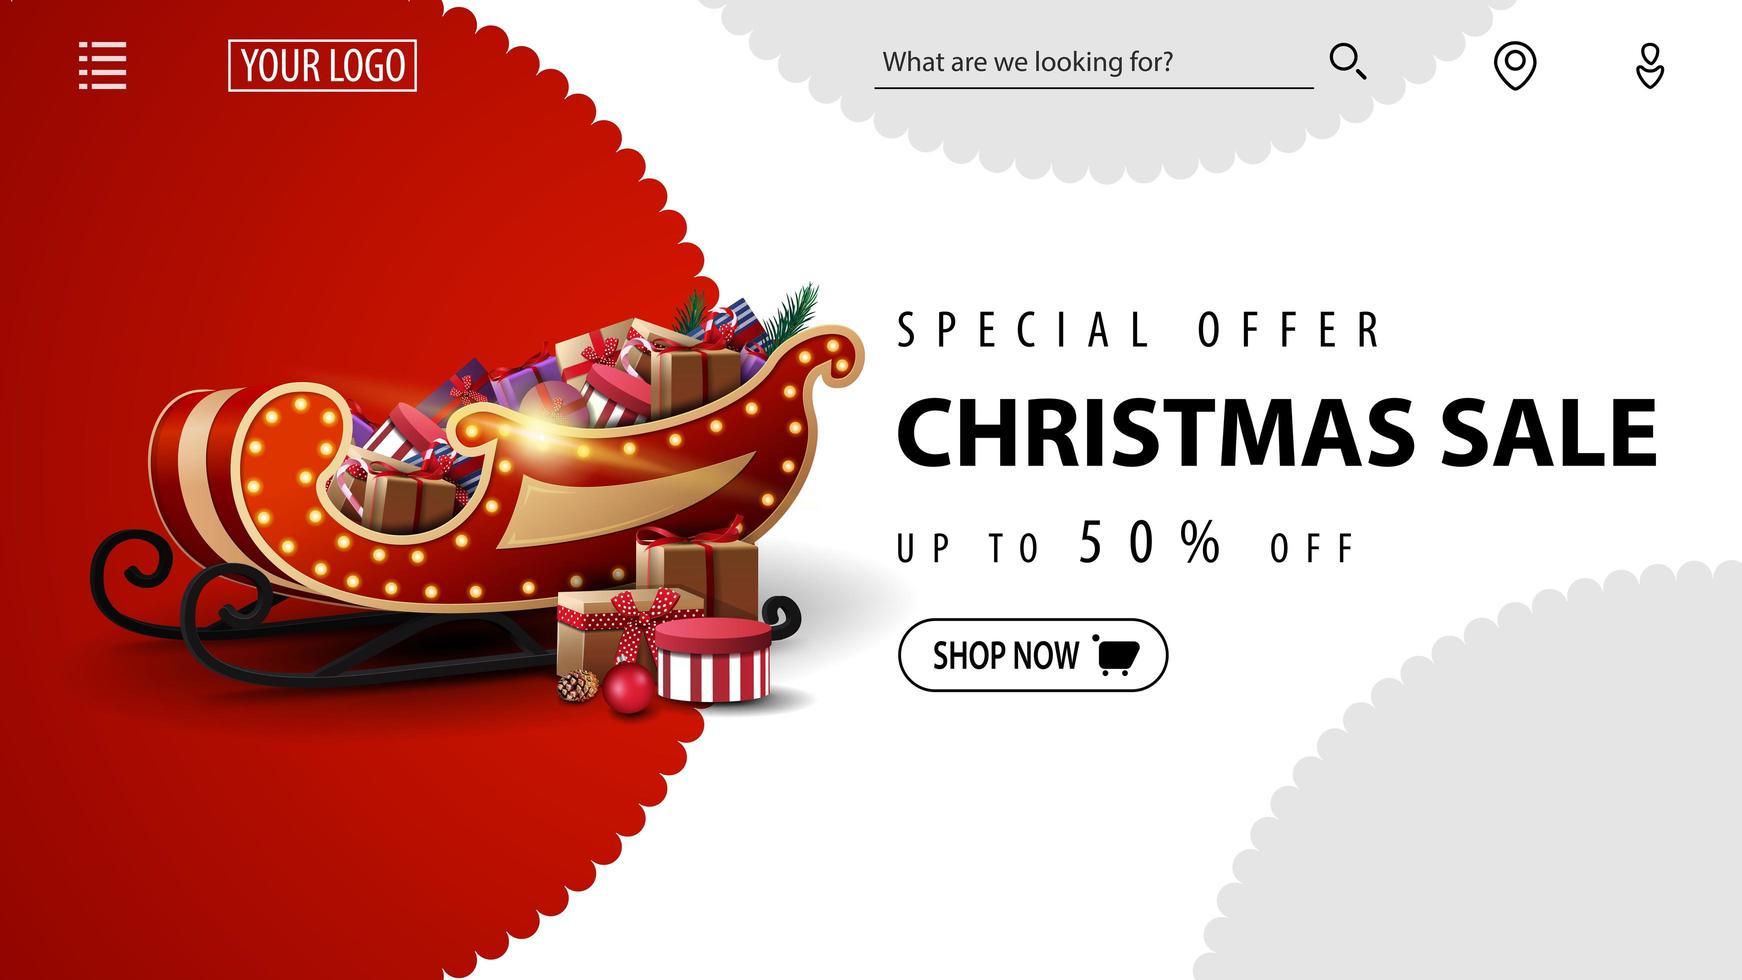 Sonderangebot, Weihnachtsverkauf, bis zu 50 Rabatt, rot-weißes Rabattbanner für Website mit Weihnachtsschlitten mit Geschenken vektor